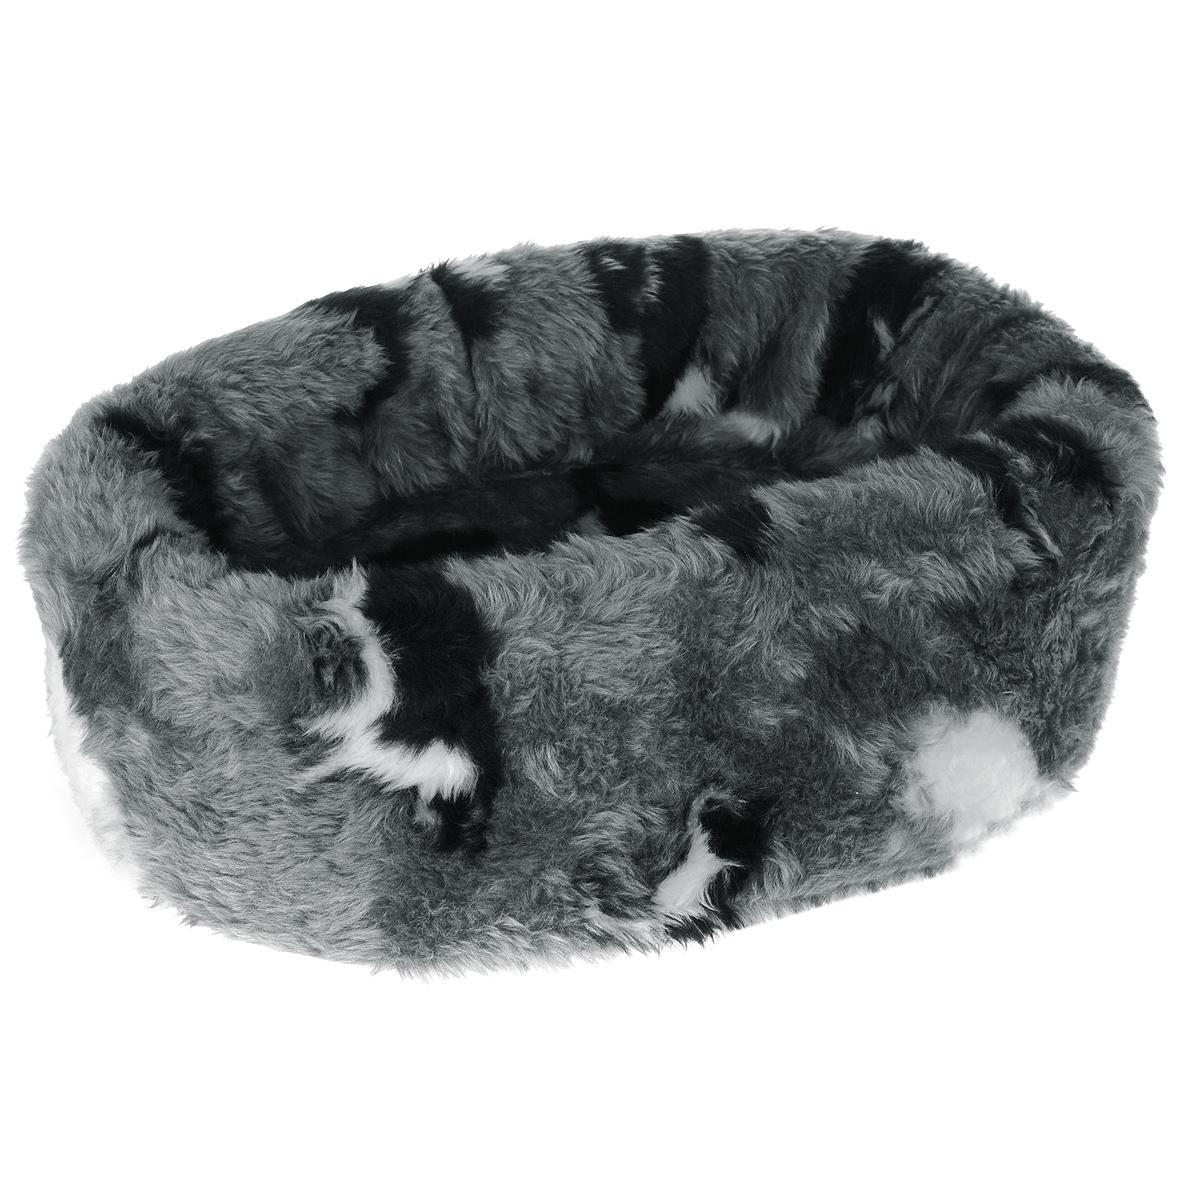 Лежанка для кошек I.P.T.S. Pussy, овальная, 40 см705601Такая лежанка станет излюбленным местом отдыха для вашего питомца, ведь уютное спальное место из меха по достоинству оценит даже самый привередливый кот. Лежанка имеет овальную форму и выполнена в приятных бело-серых оттенках с изображением кошек. Изделие будет одинаково хорошо смотреться как в гостиной, так и в другой комнате. Диаметр лежанки: 40 см.Товар сертифицирован.